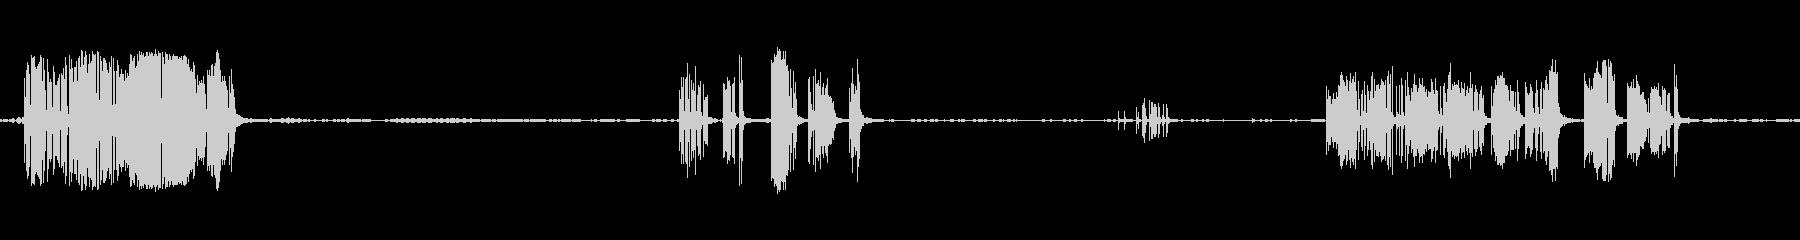 リッピングキャンバスシュレッドマル...の未再生の波形